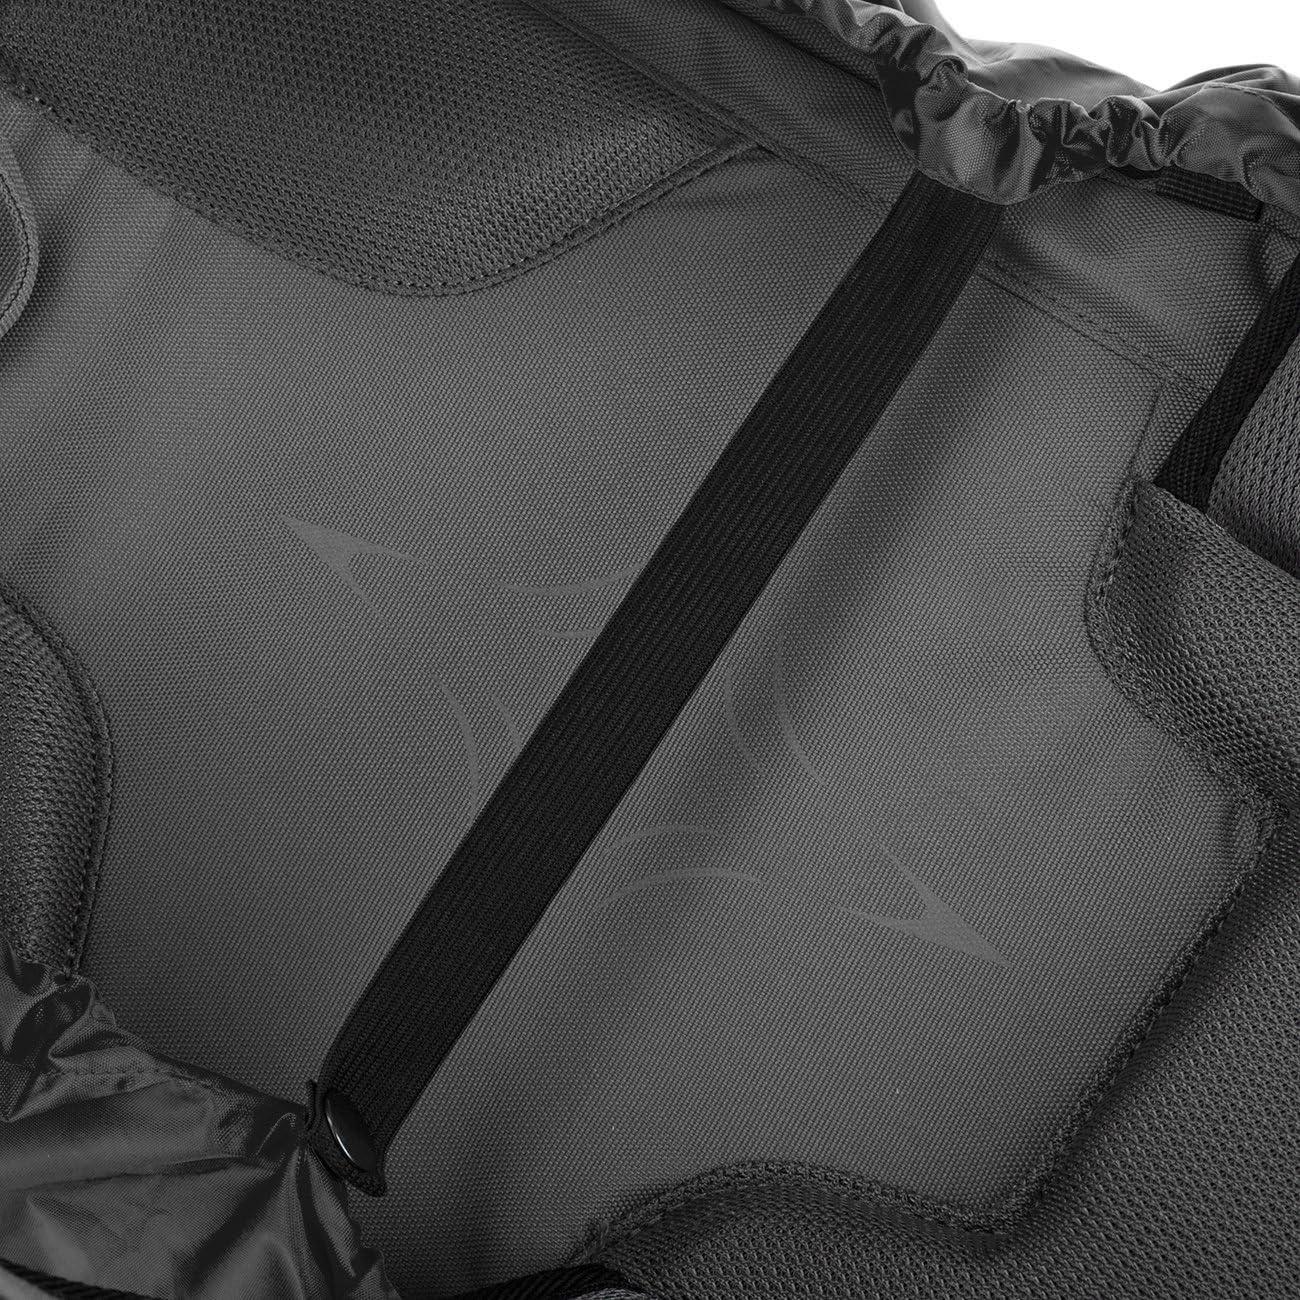 Transport etc. randonn/ée Overmont Housse//Protection//Couverture de Sac /à Dos Anti-Pluie imperm/éable avec Bande r/éfl/échissante pour Camping